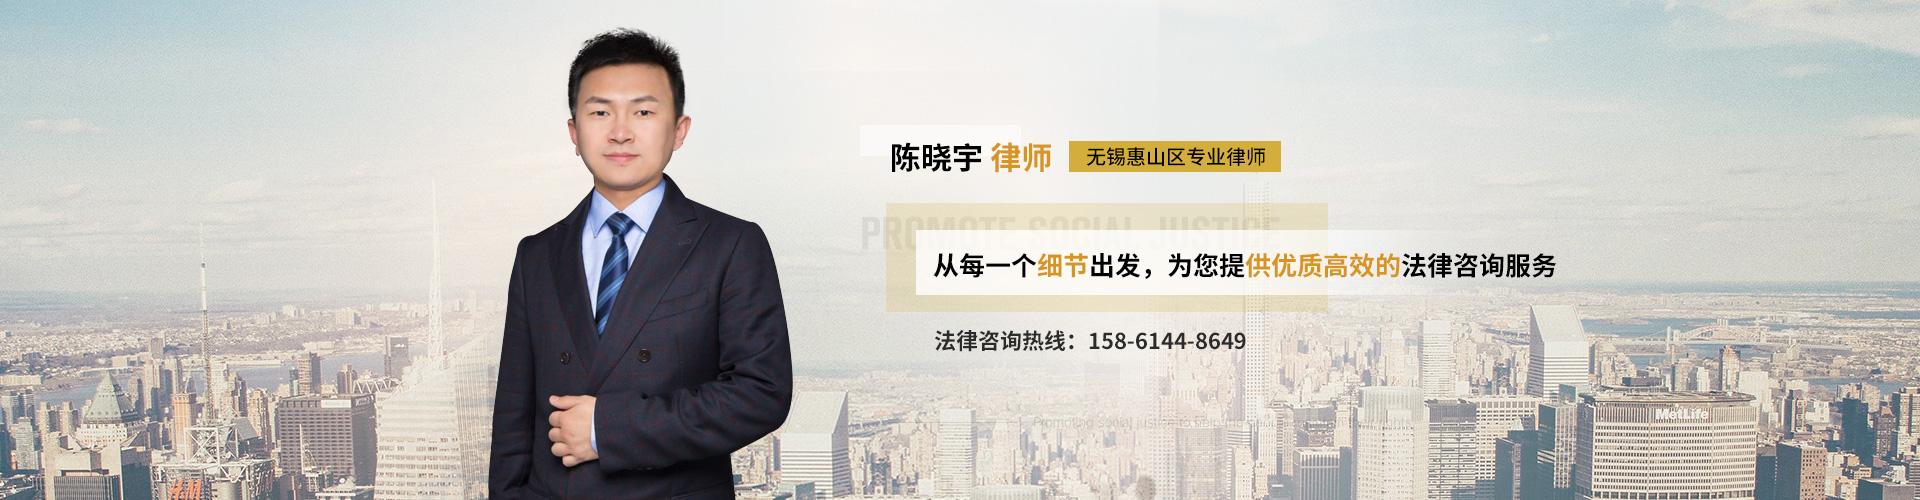 江苏陈晓宇律师